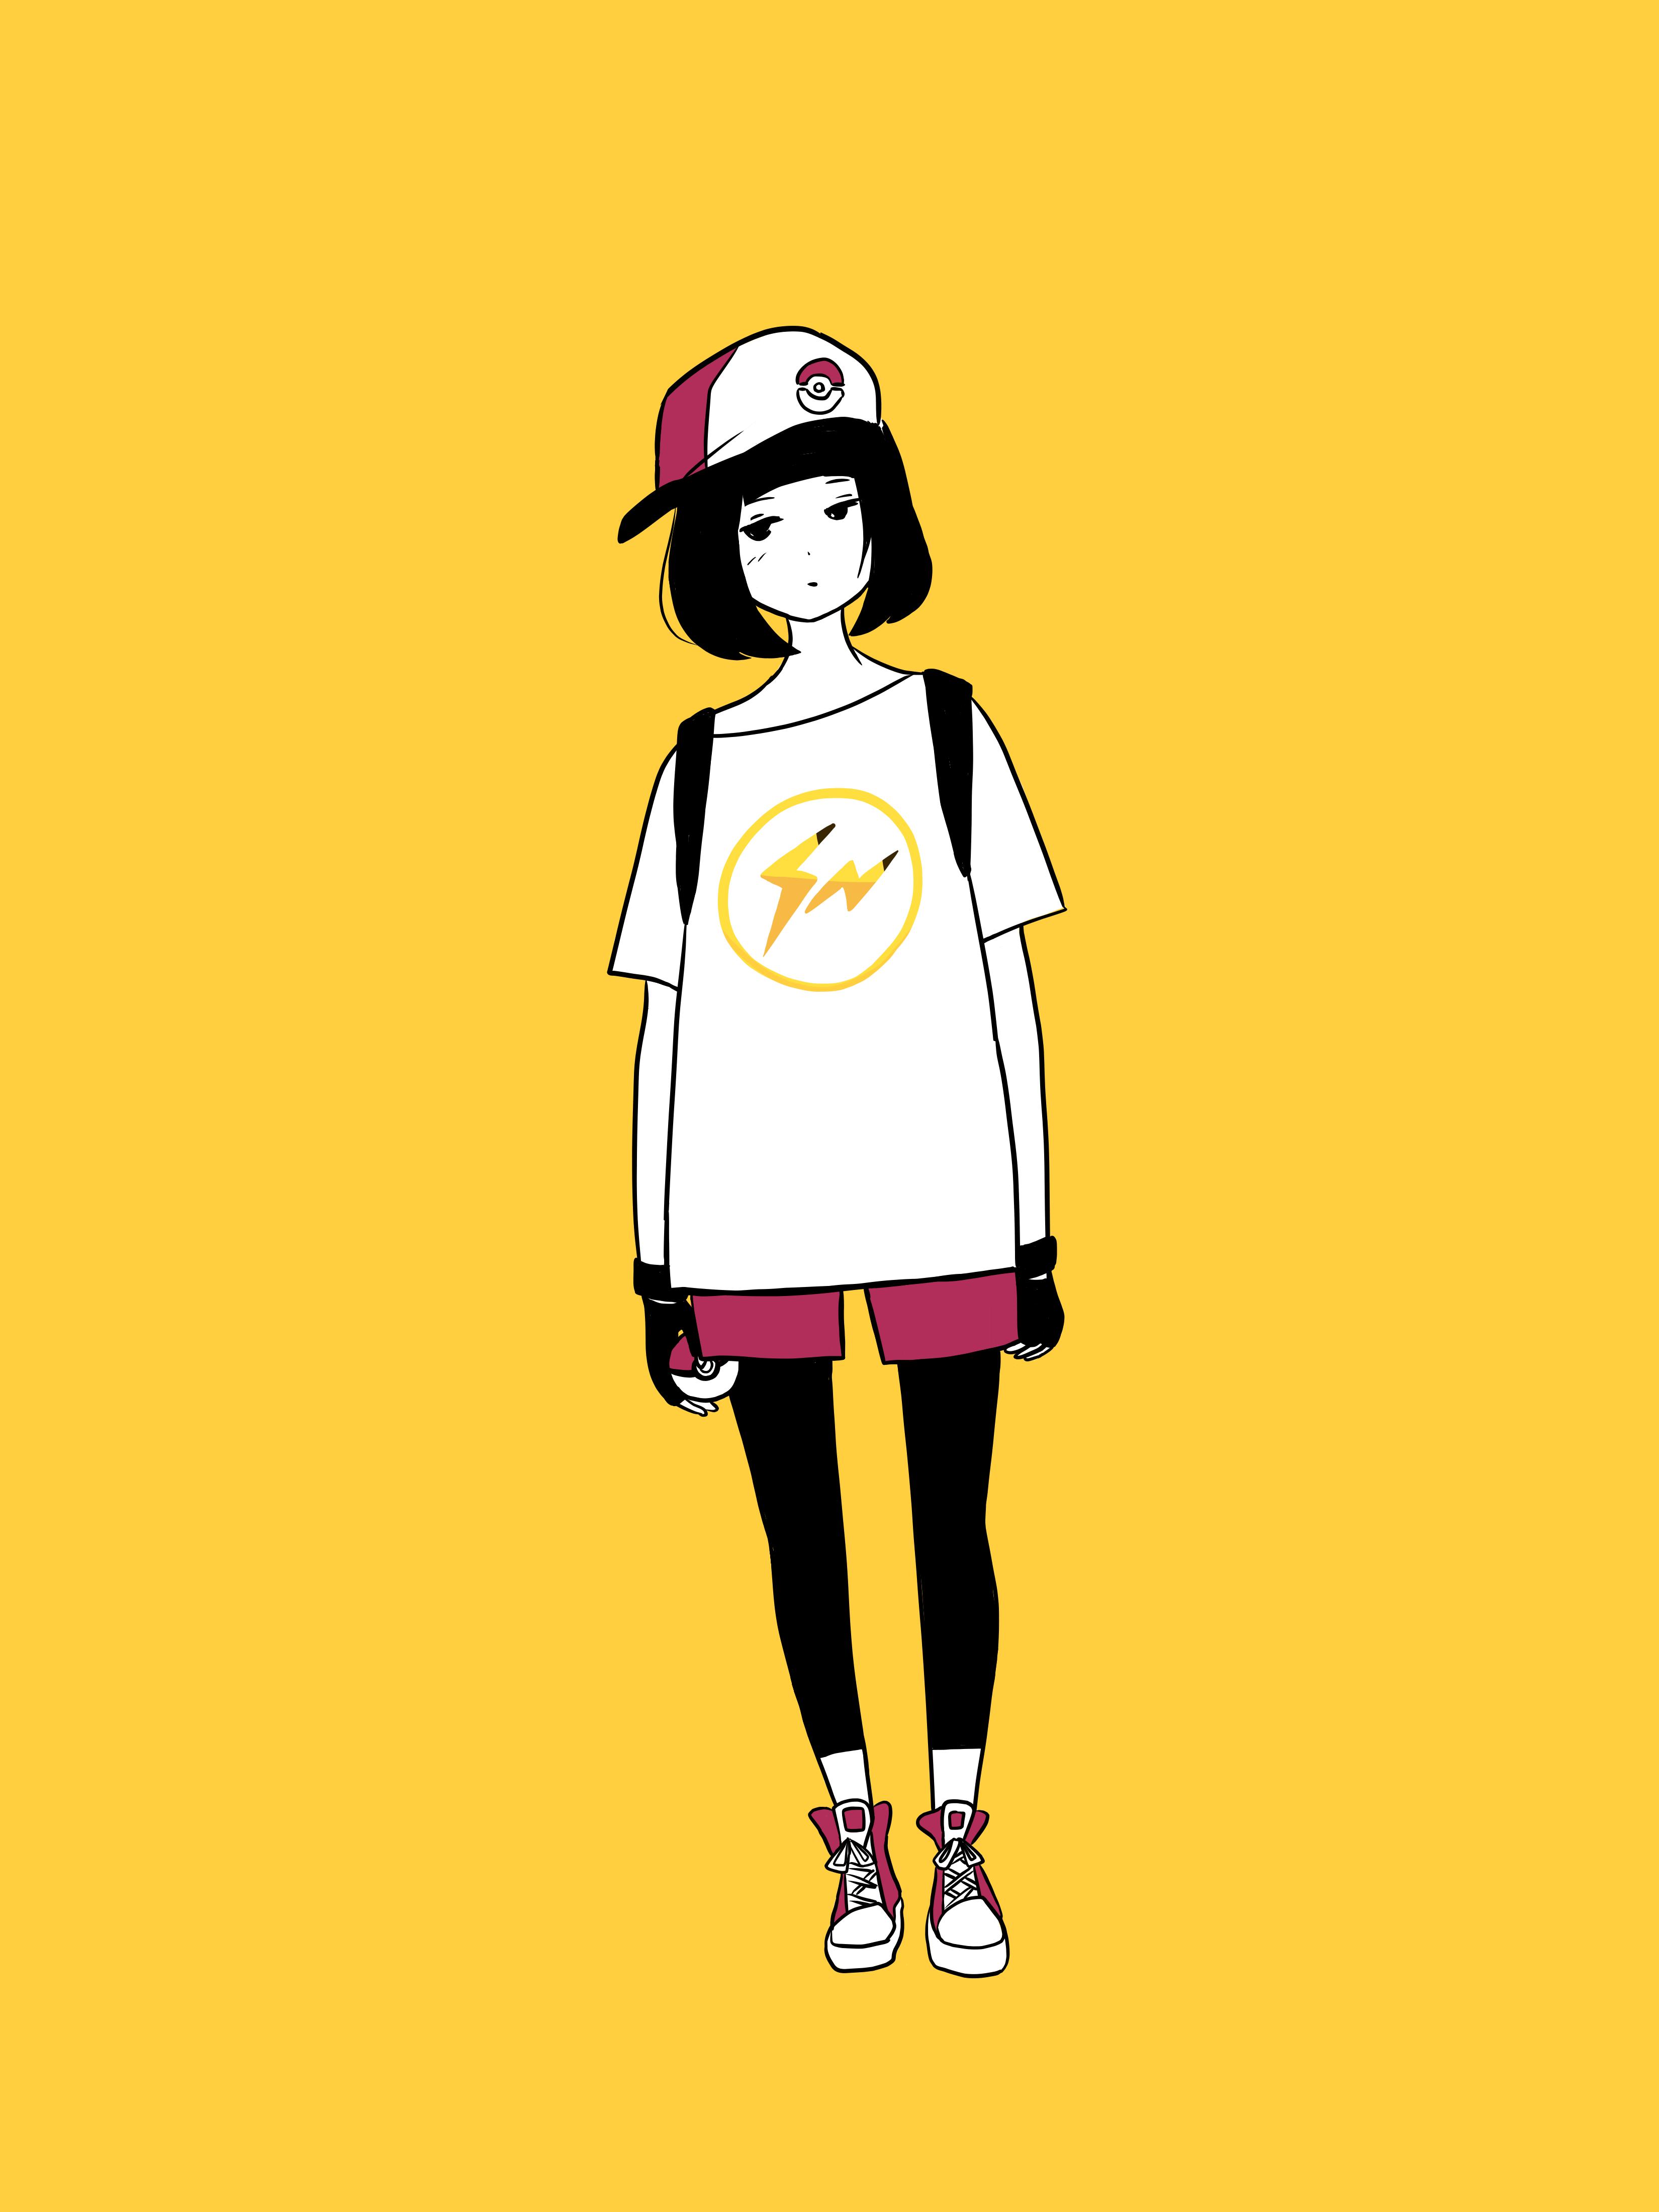 女の子 イラスト サブカル Illustration In 2019 サブカル 女の子